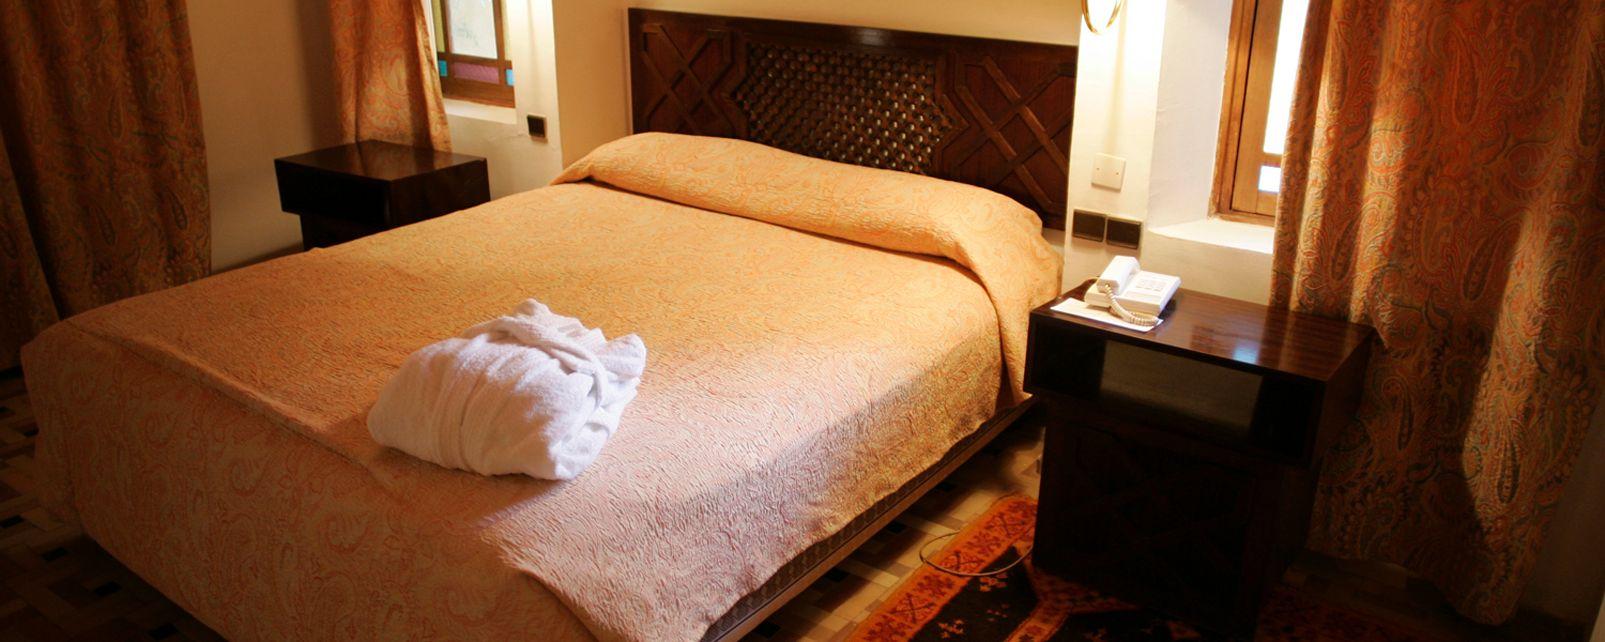 Hotel Riad Salam